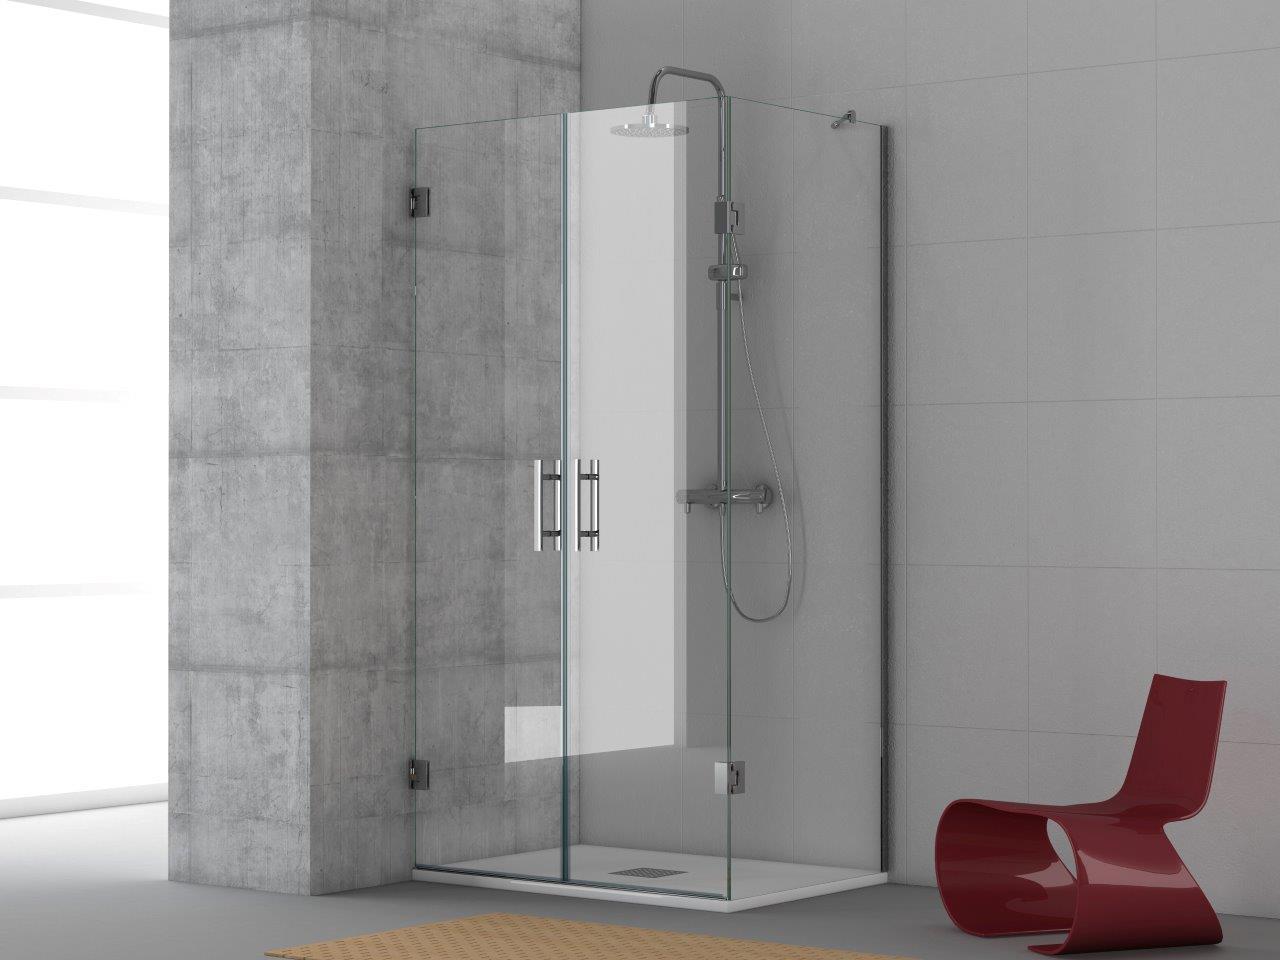 Mamparas de ducha en esquina detalle esquina superior del for Mampara ducha esquina